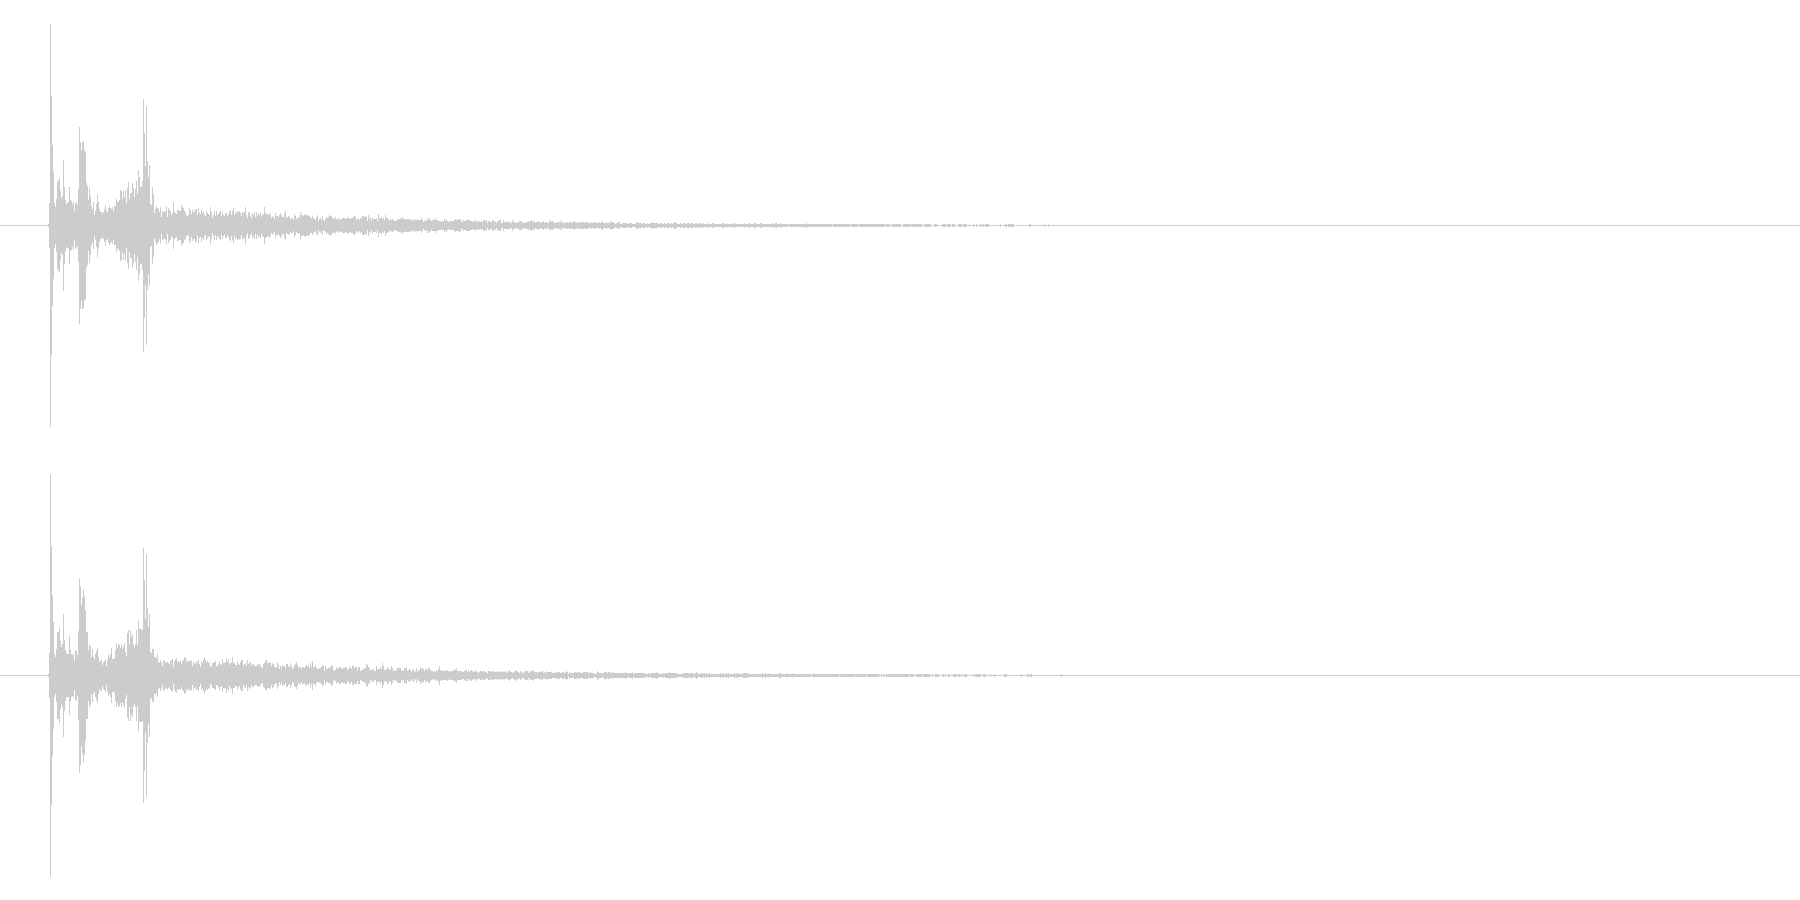 カメラ 携帯電話03-5の未再生の波形